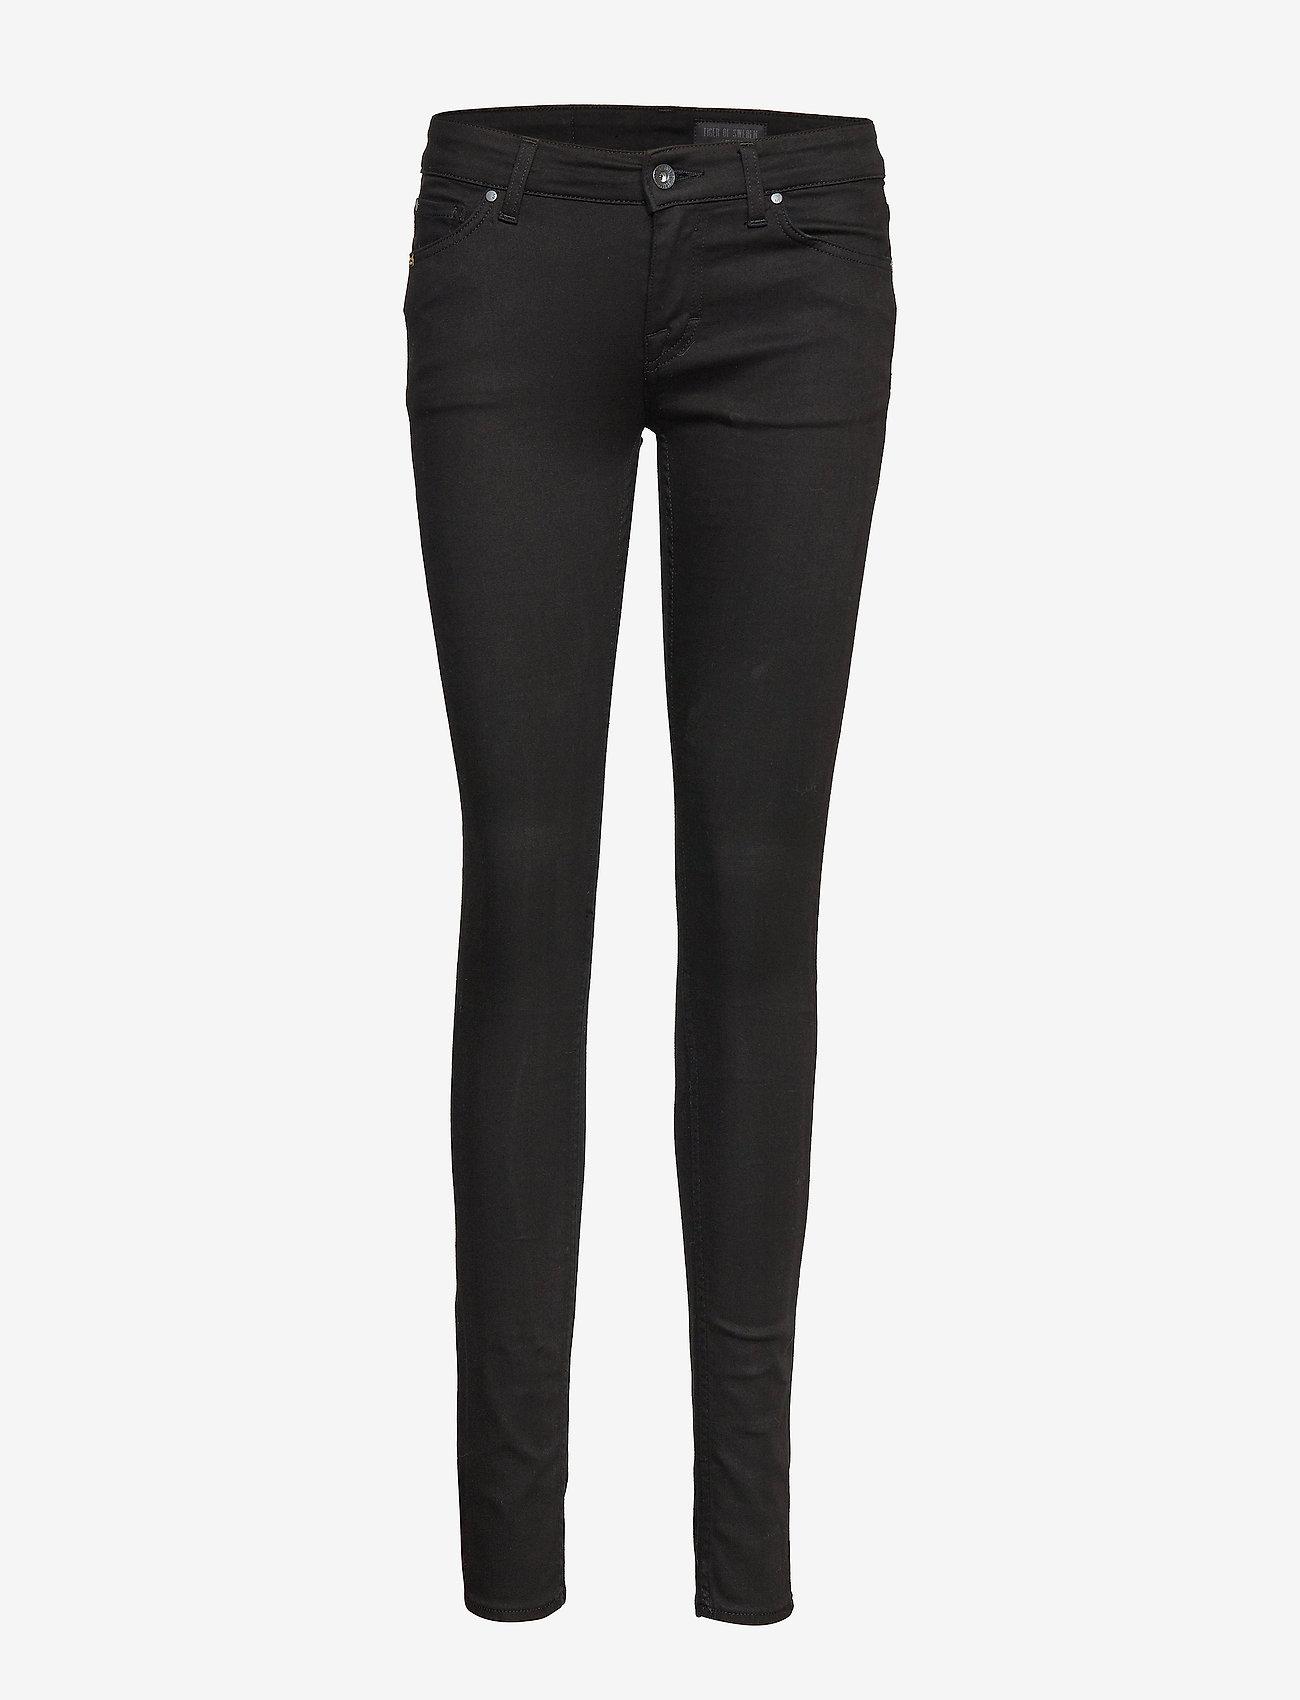 Tiger of Sweden Jeans - SLIGHT - džinsa bikses ar šaurām starām - black - 0